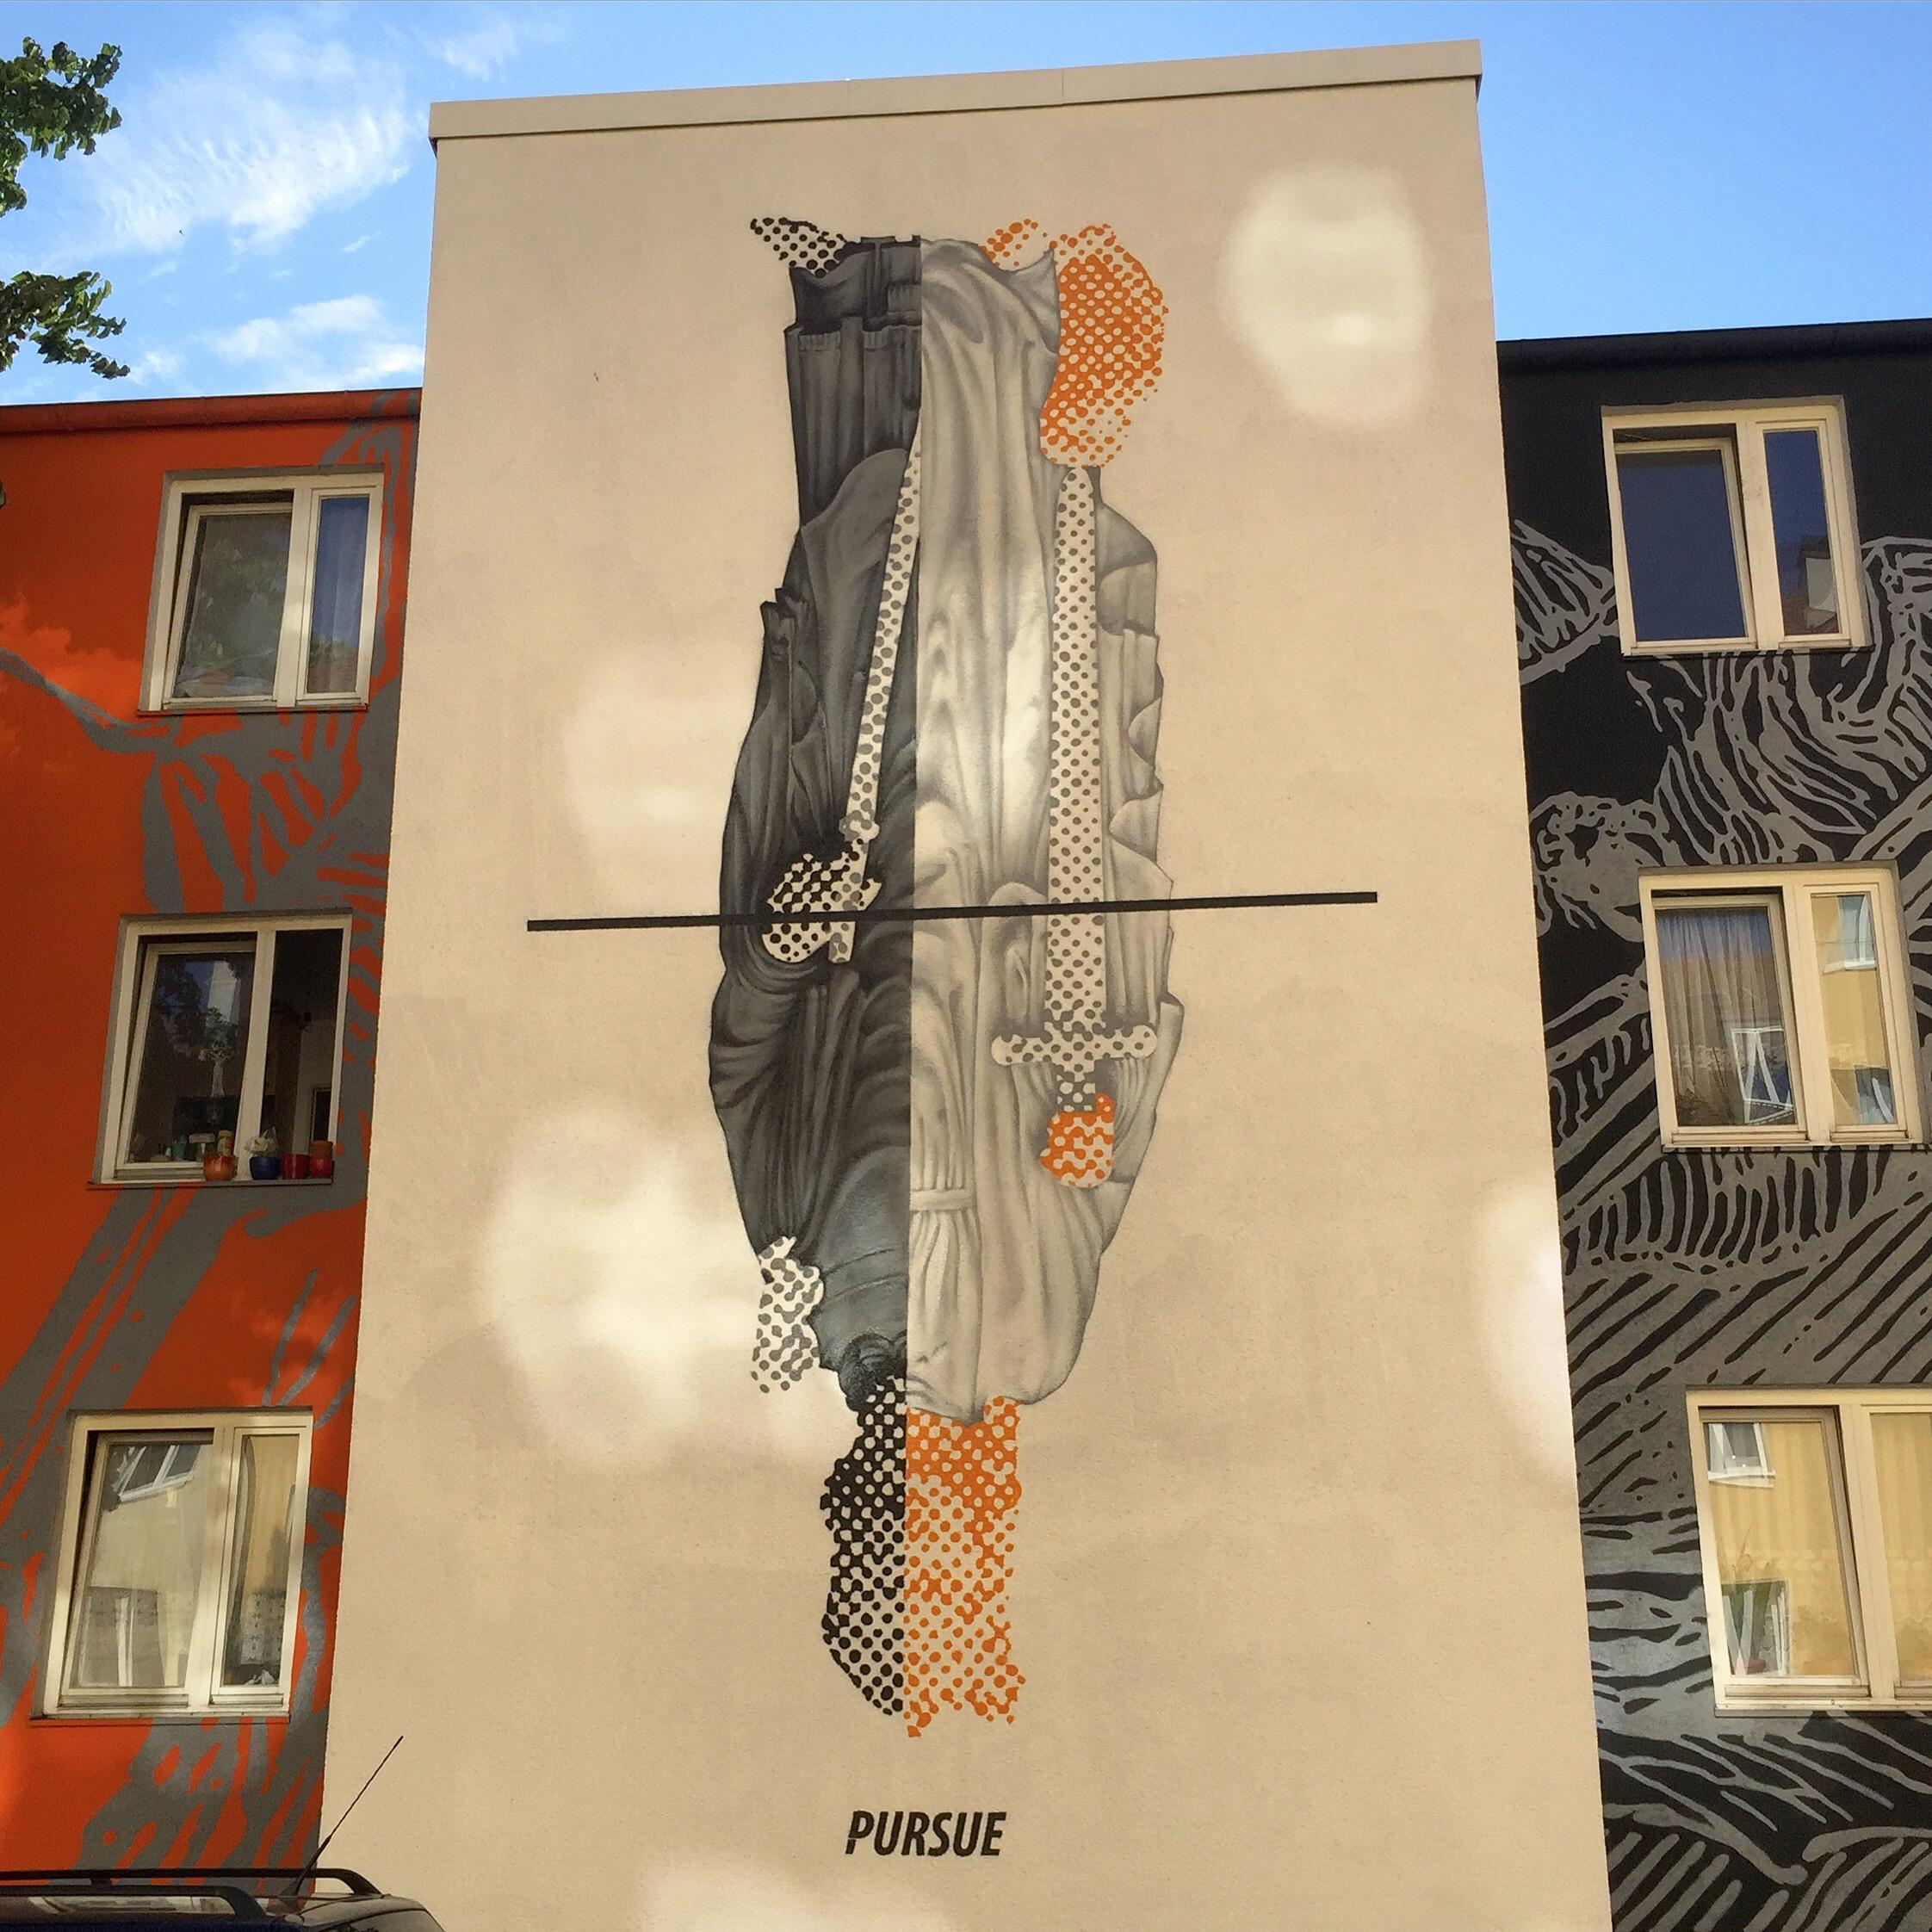 Pursue - Public artwork - Westend - Munich, Germany